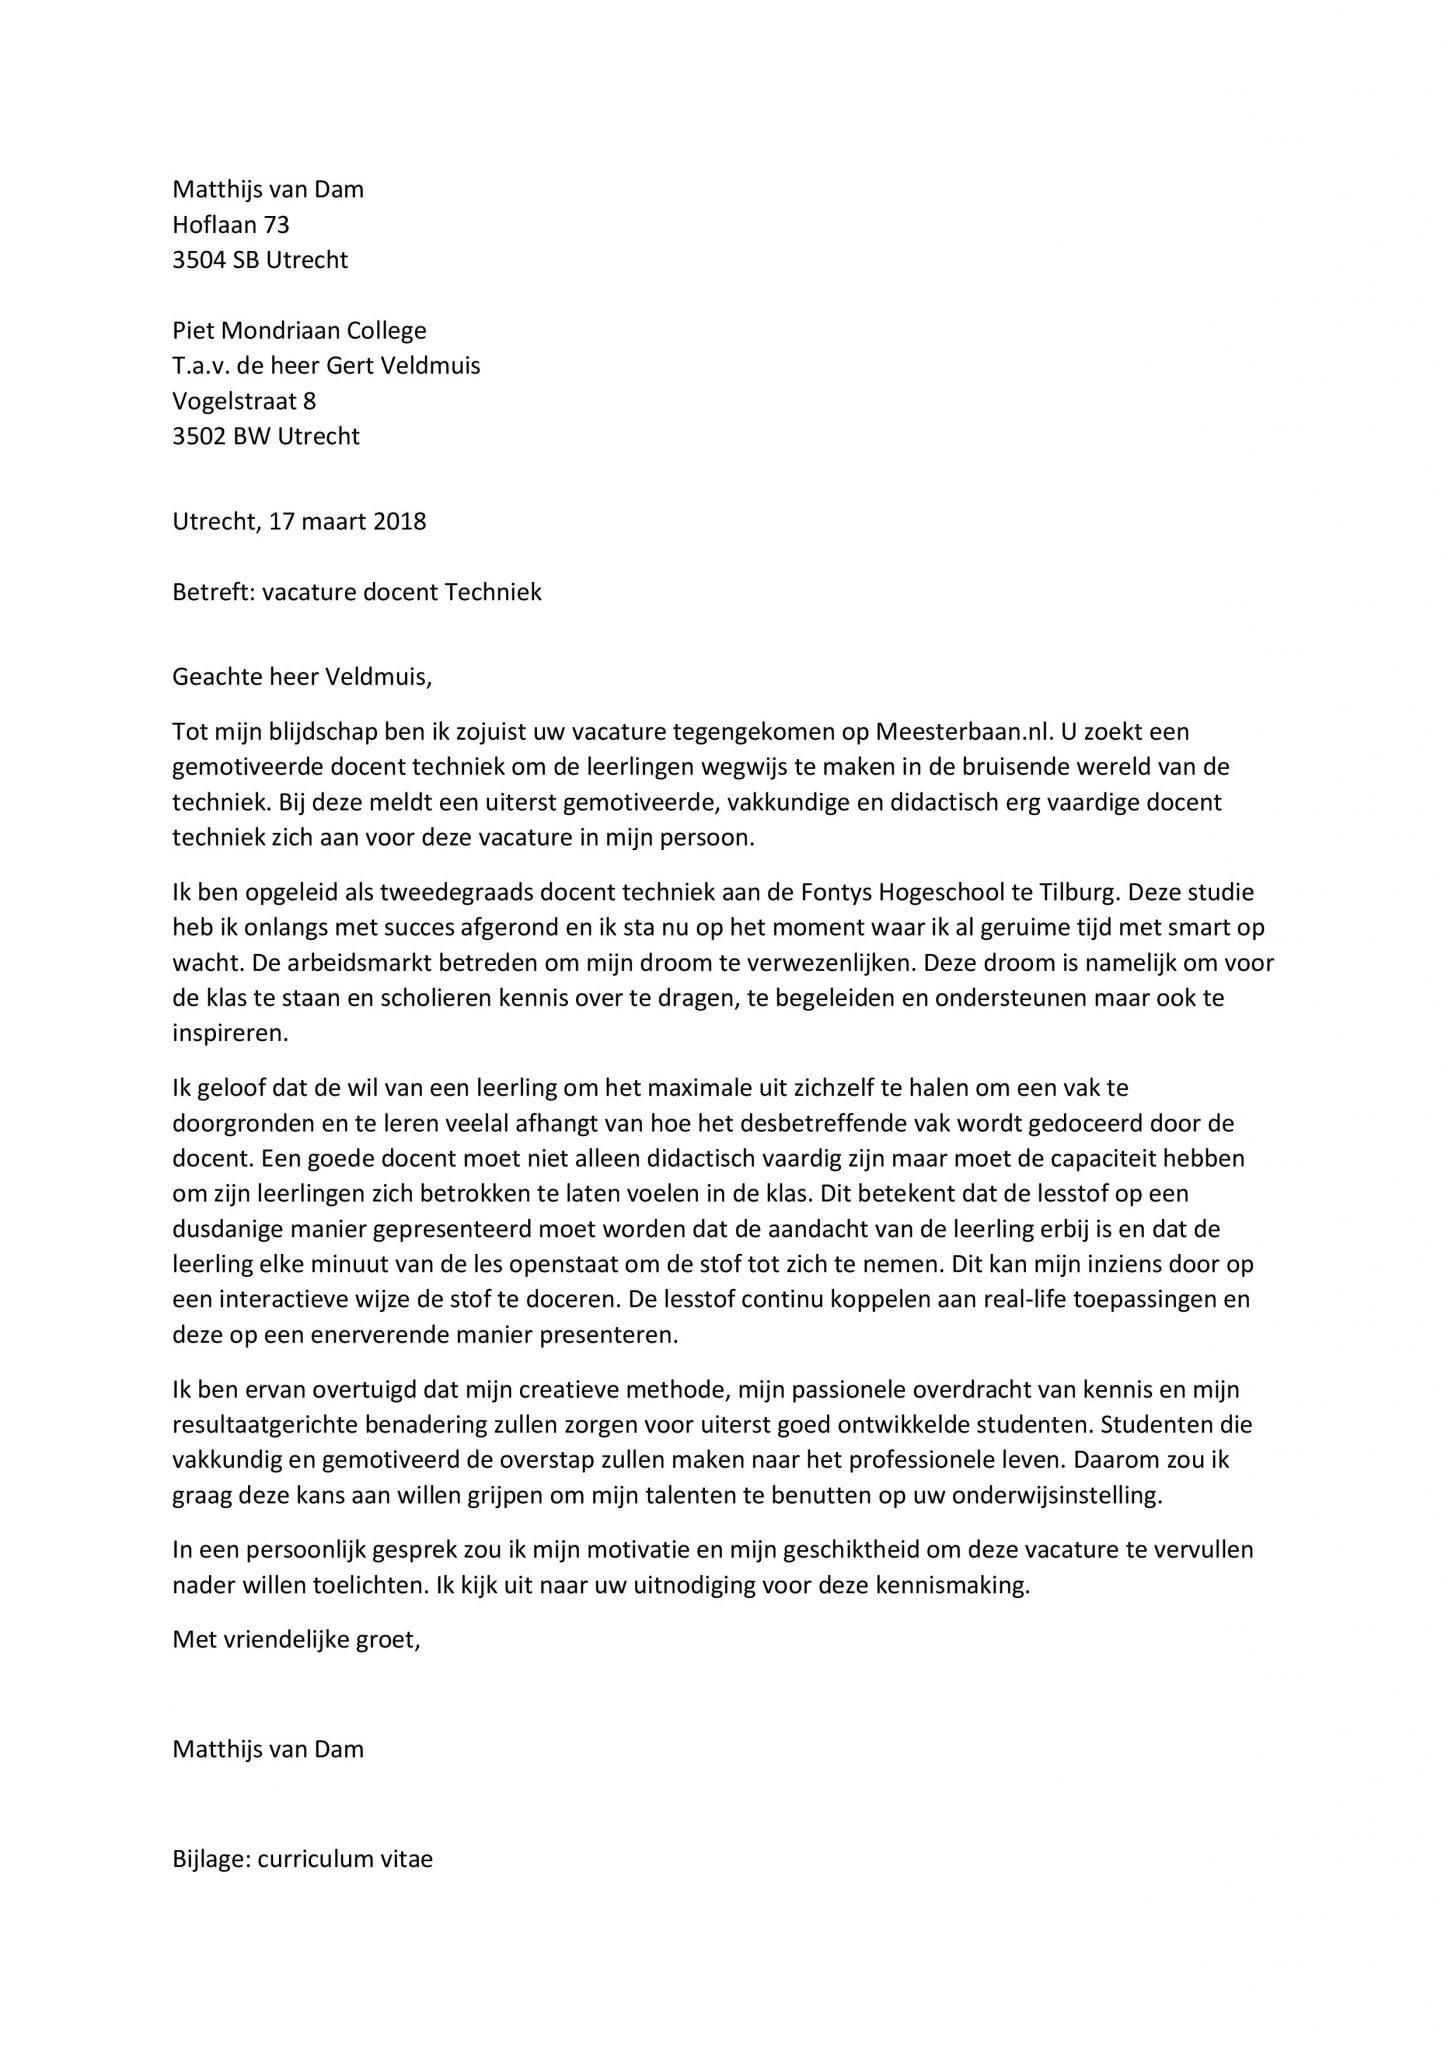 sollicitatiebrief techniek Sollicitatiebrief Docent Techniek   Sollicitatiebijbel.nl sollicitatiebrief techniek